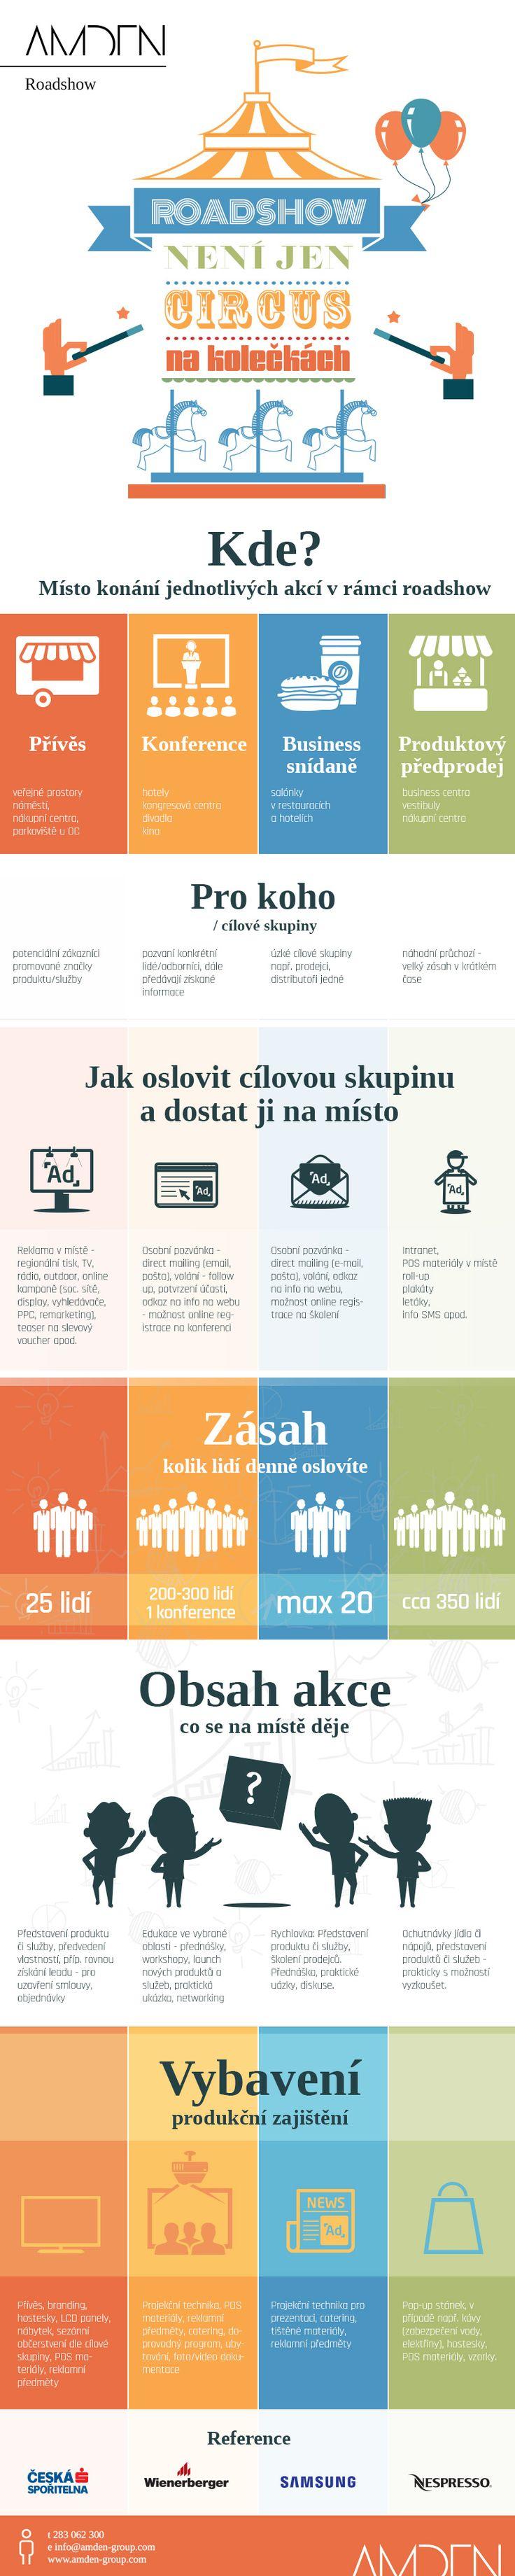 Amden_roadshow_infographics_v1.jpg (800×4000)